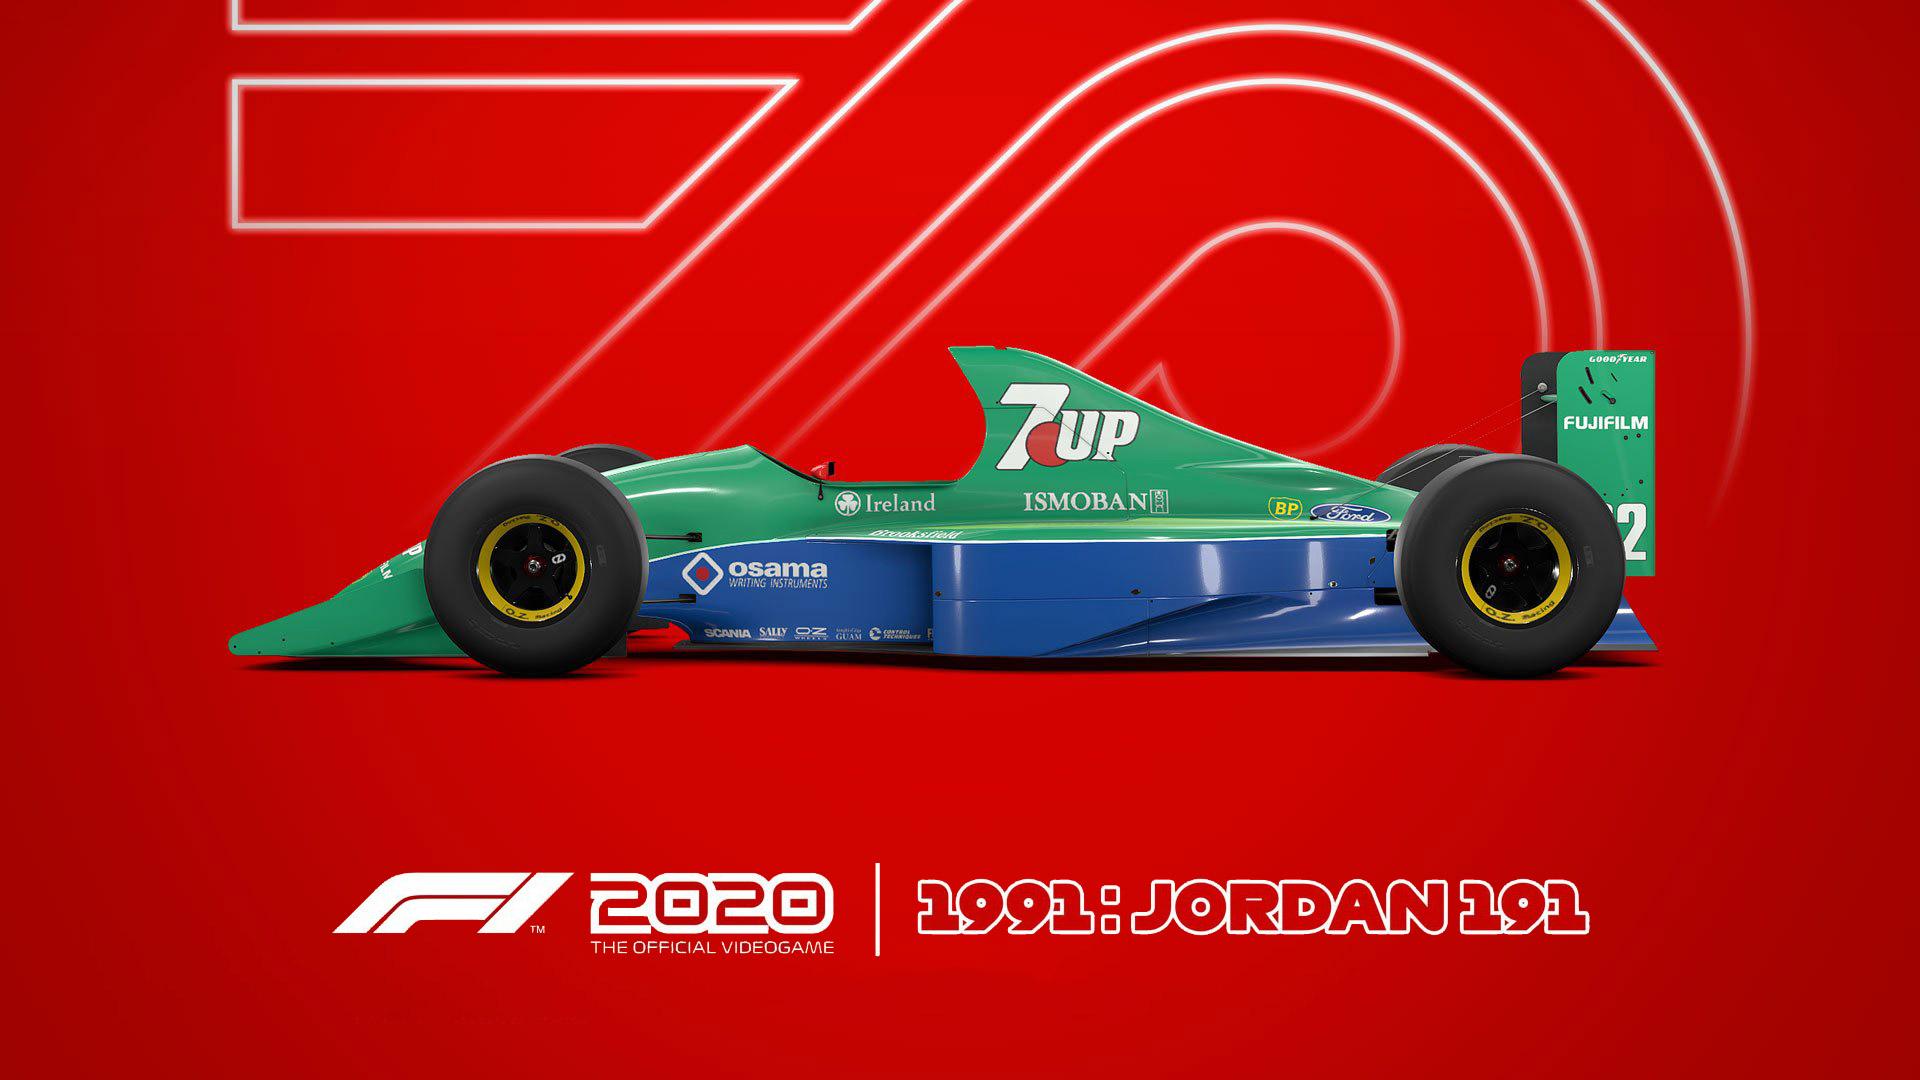 Free F1 2020 Wallpaper in 1920x1080